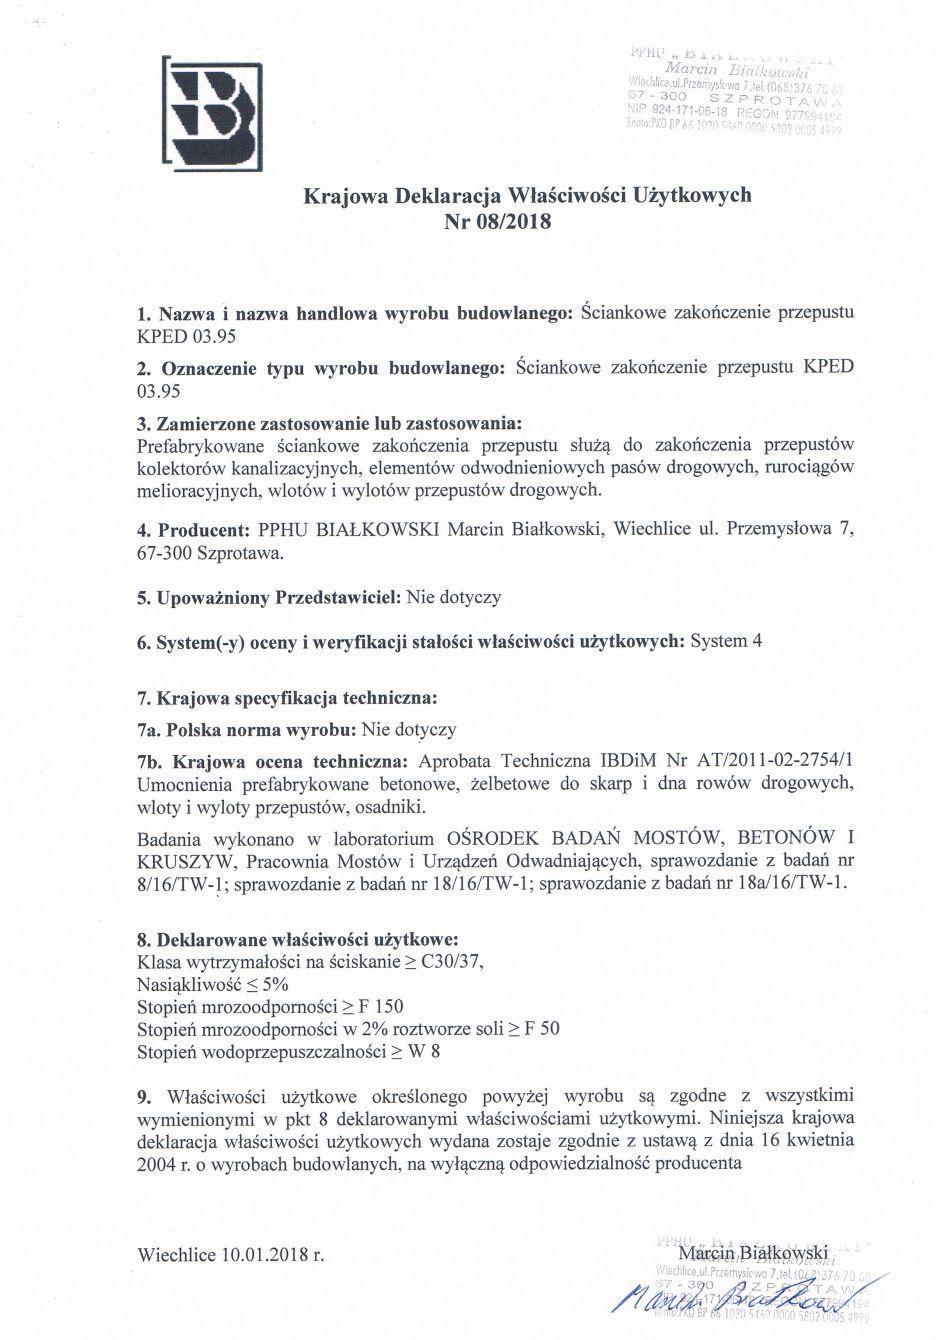 Krajowa Deklaracja Właściwości Użytkowych Nr 08/2018